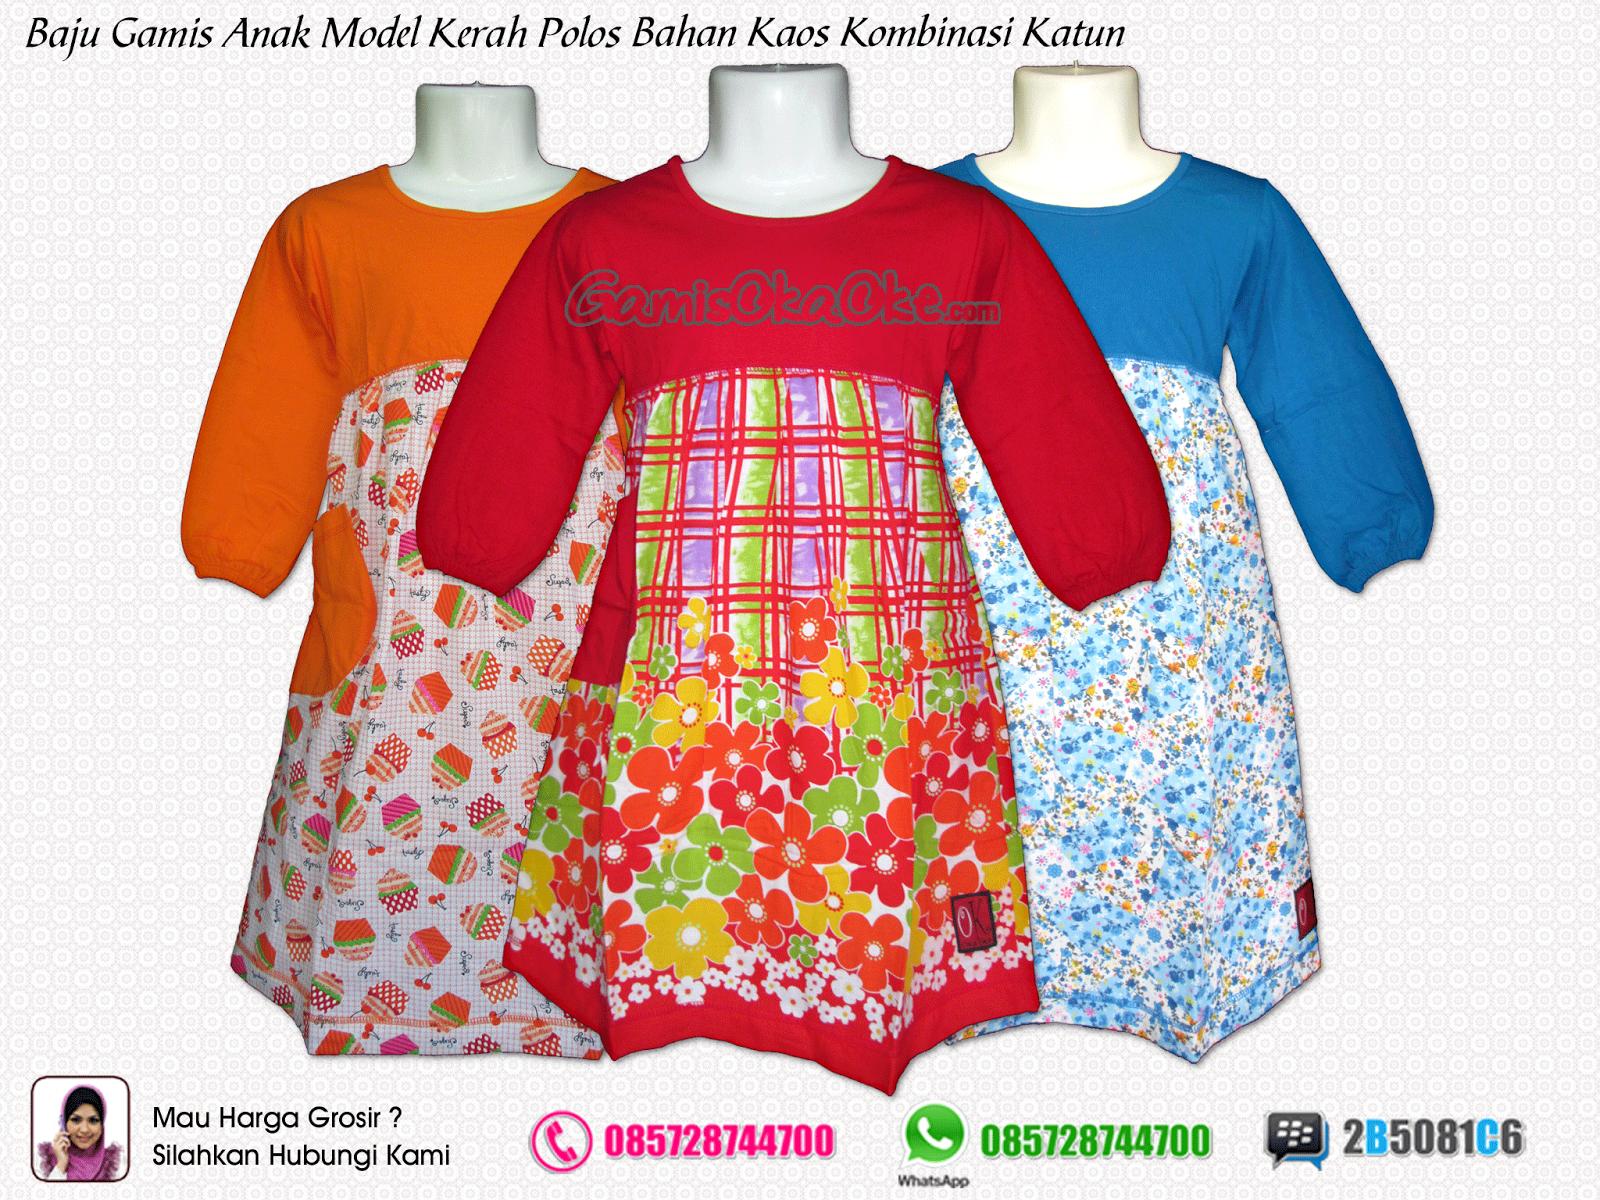 Baju Busana Muslim Terbaru Harga Murah Dan Berkualitas